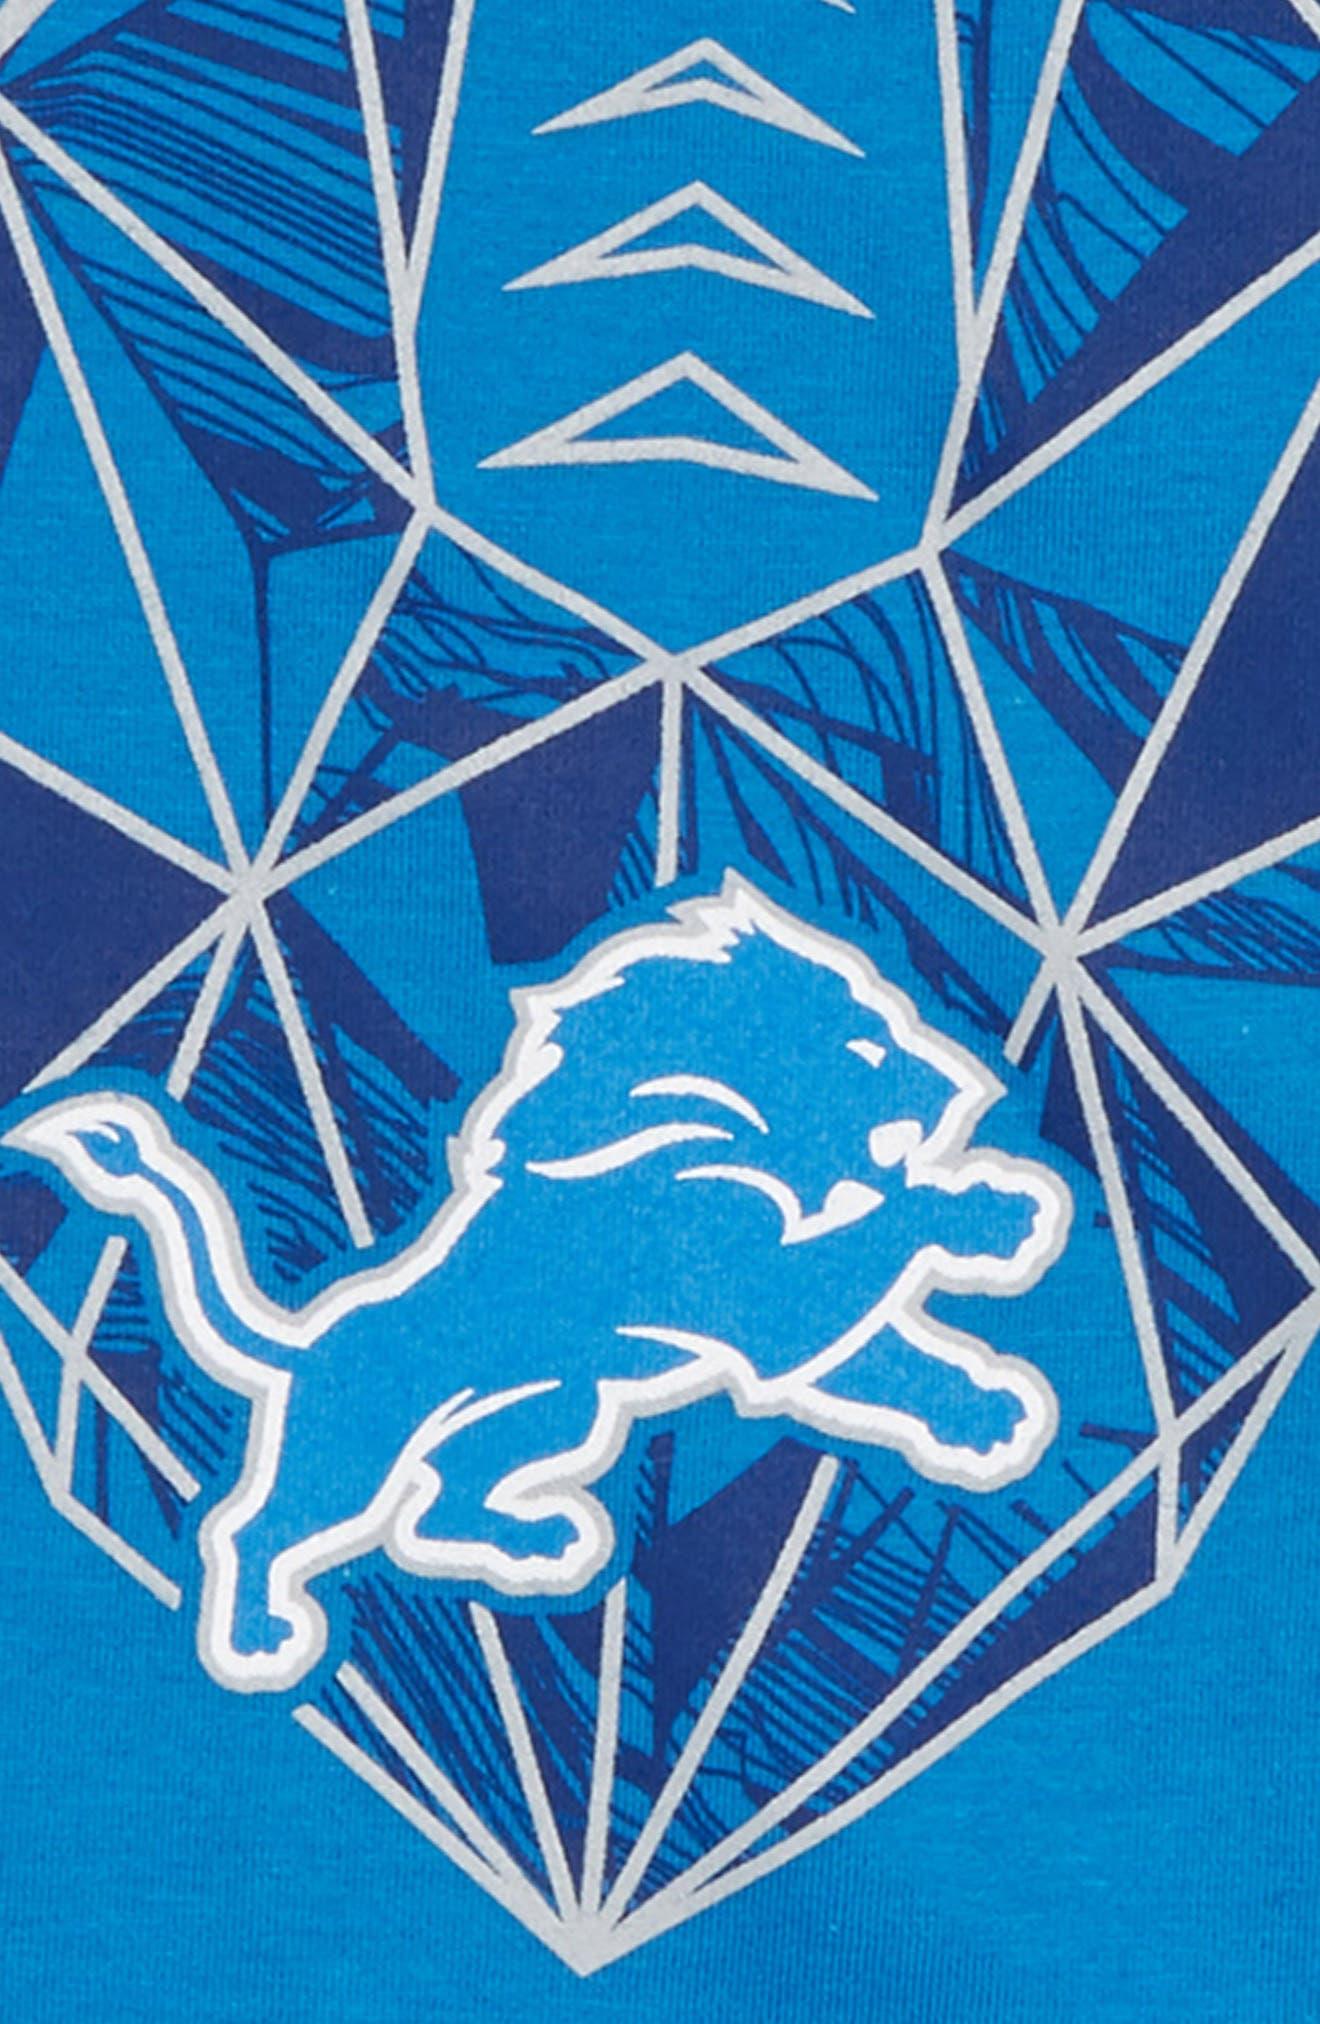 NFL Logo Detroit Lions Graphic T-Shirt,                             Alternate thumbnail 2, color,                             BLUE